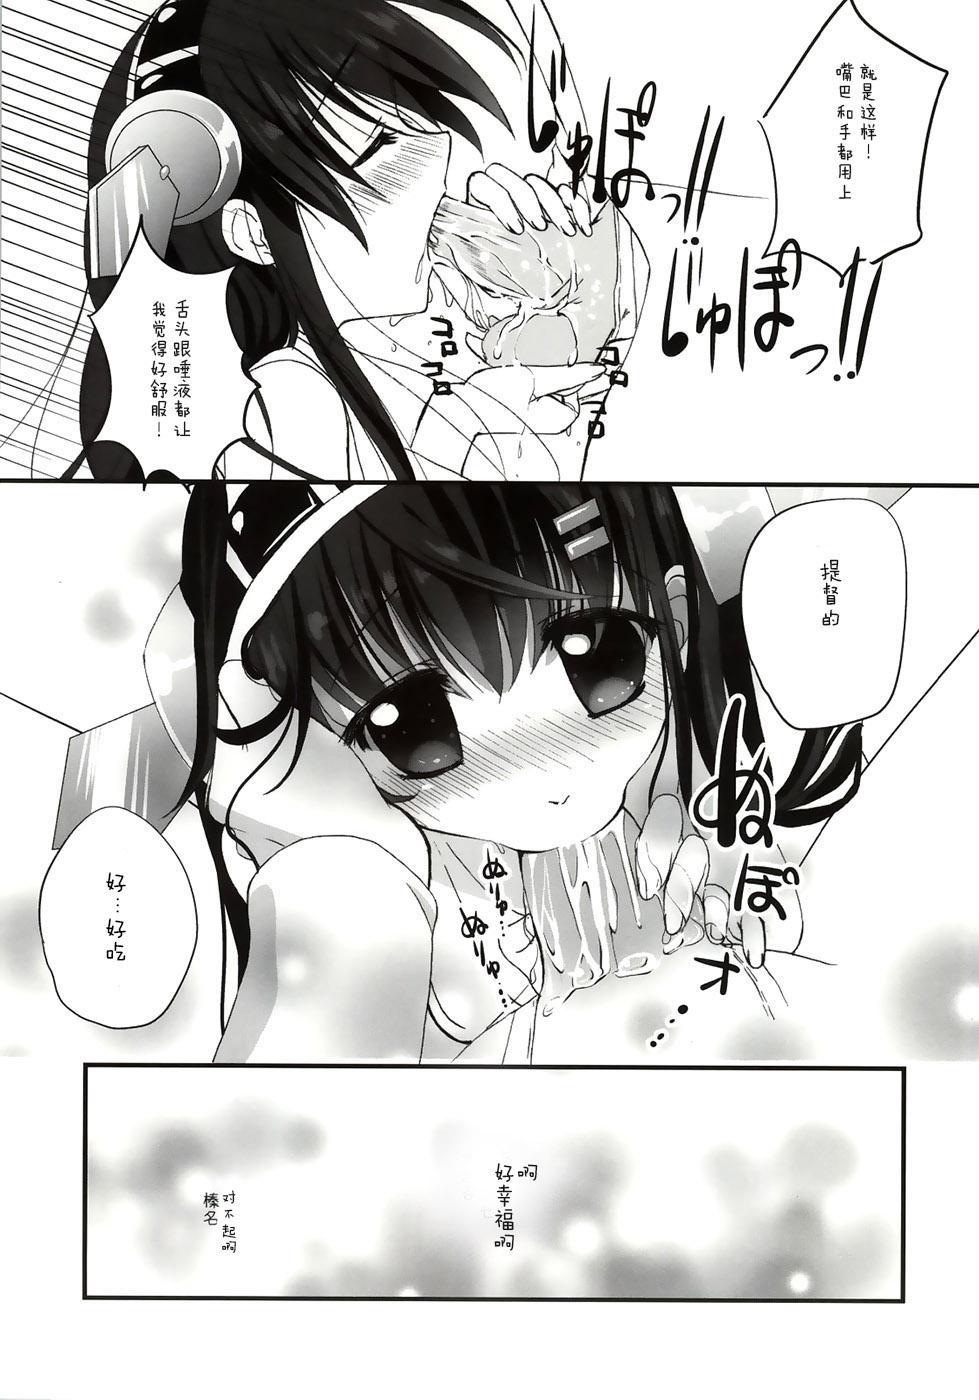 Haruna Healing 8